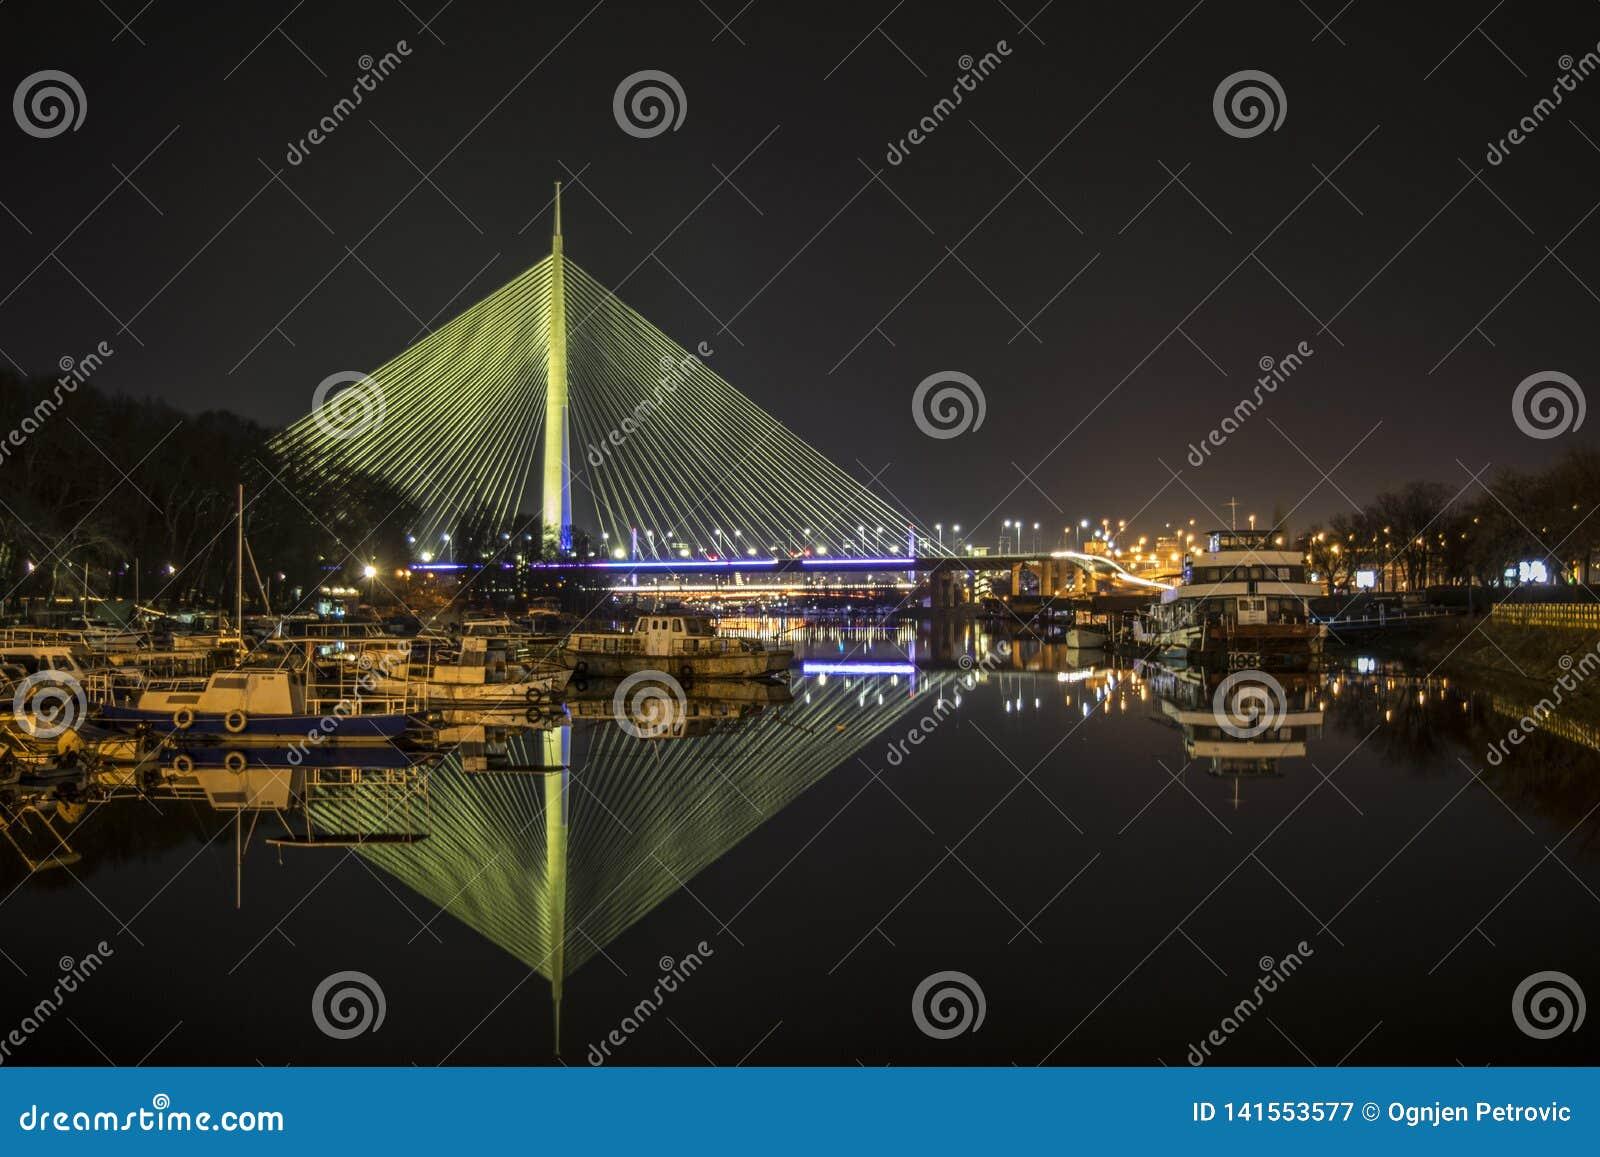 L image de nuit du pont sur l ADA avec la réflexion arrosent en clair tandis que l éclairage déborde